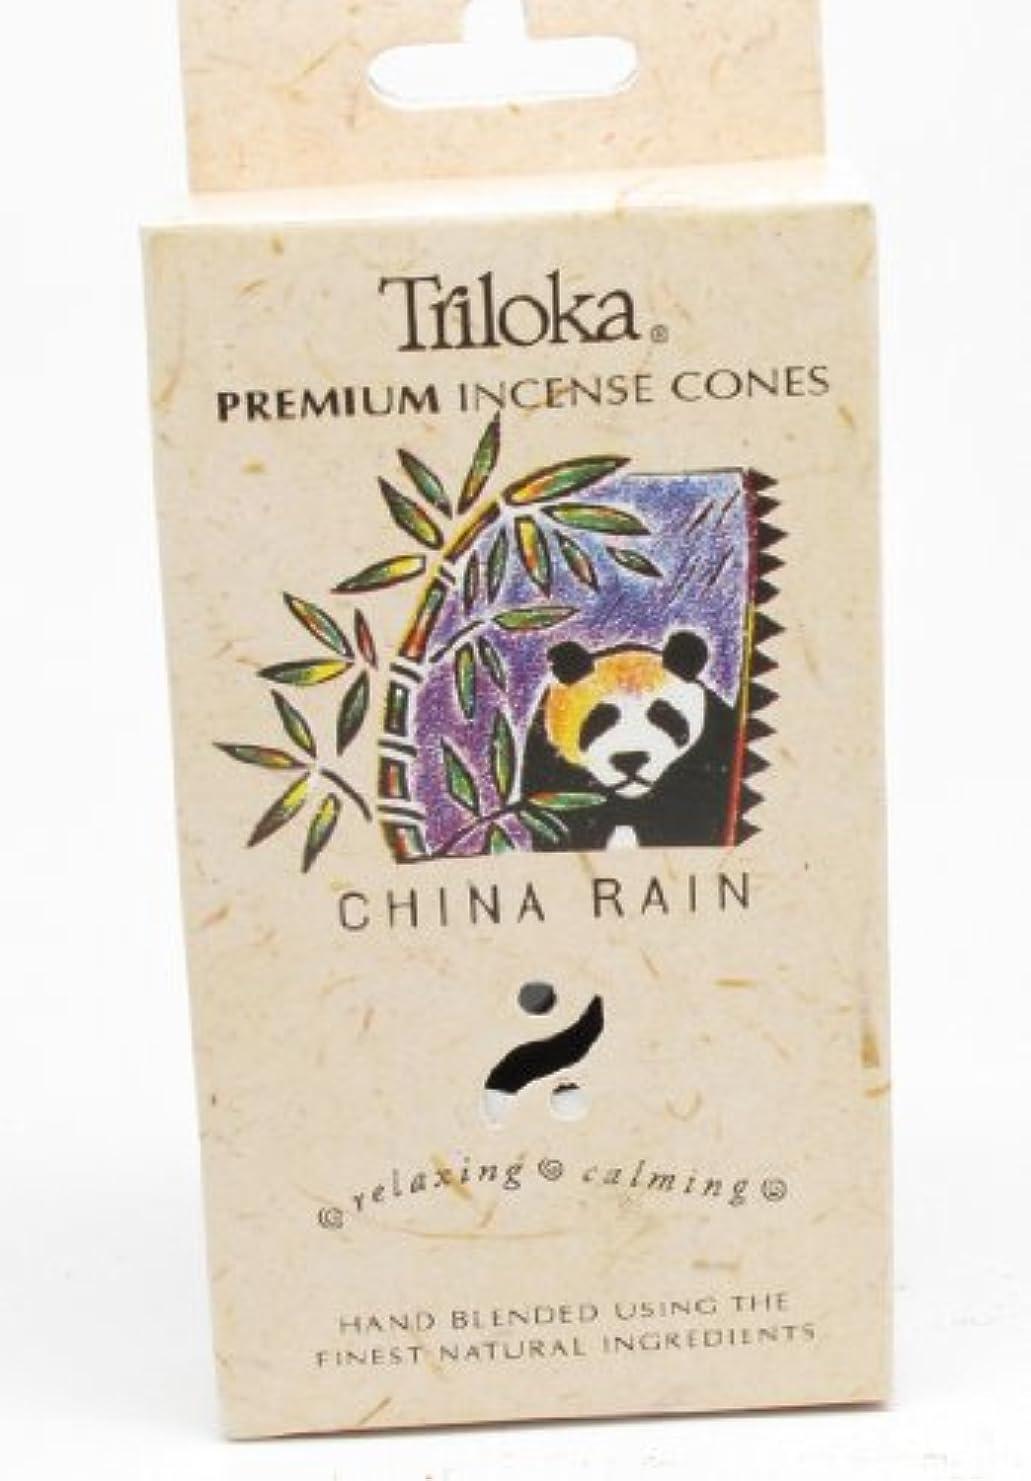 権限動脈有利中国雨 – TrilokaプレミアムCone Incense